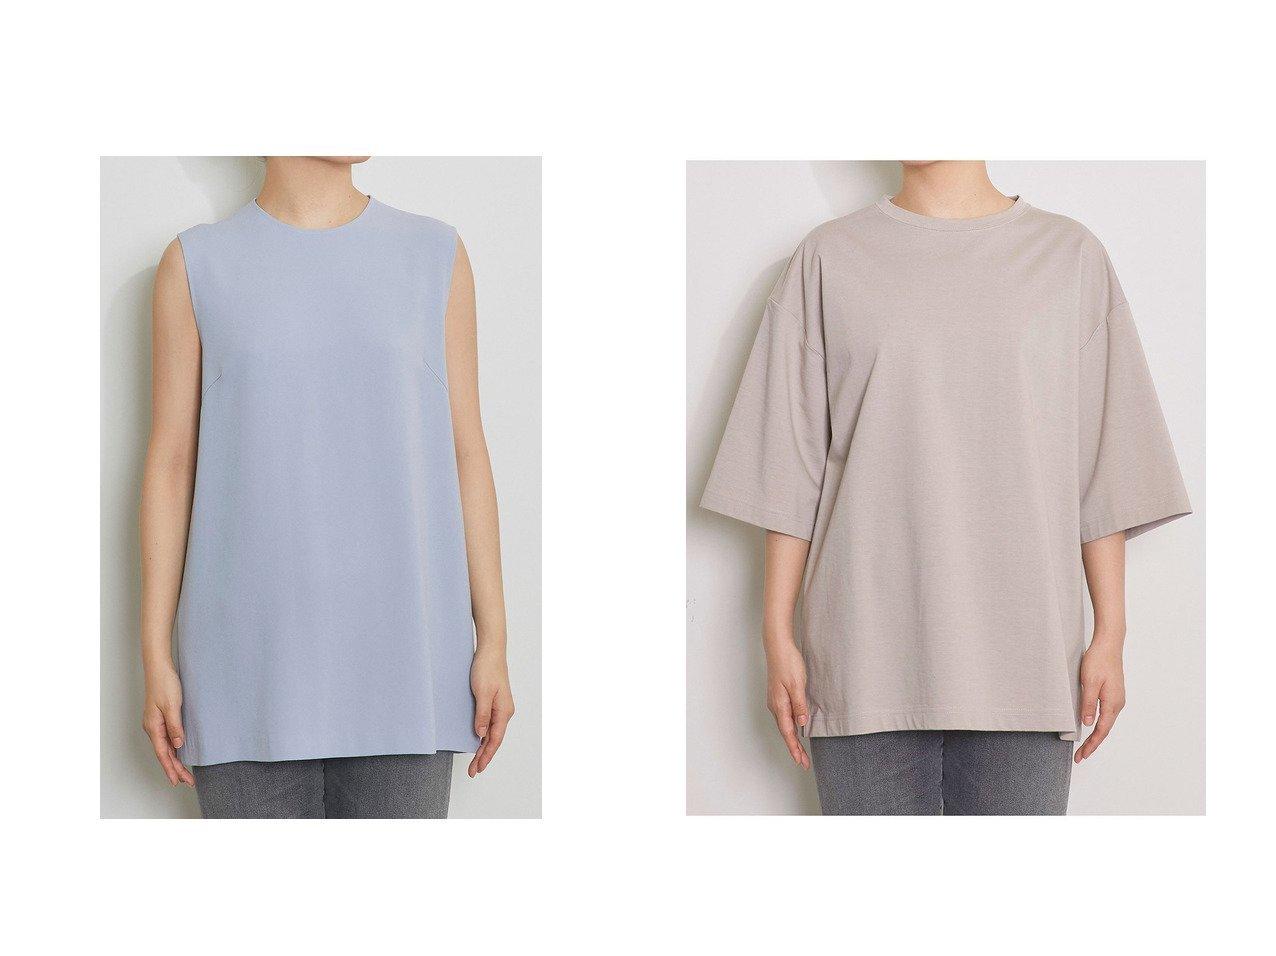 【Whim Gazette/ウィムガゼット】のACE ノースリーブブラウス&オーガニックコットンビッグTシャツ 【トップス・カットソー】おすすめ!人気、トレンド・レディースファッションの通販 おすすめで人気の流行・トレンド、ファッションの通販商品 メンズファッション・キッズファッション・インテリア・家具・レディースファッション・服の通販 founy(ファニー) https://founy.com/ ファッション Fashion レディースファッション WOMEN トップス・カットソー Tops/Tshirt キャミソール / ノースリーブ No Sleeves シャツ/ブラウス Shirts/Blouses ロング / Tシャツ T-Shirts カットソー Cut and Sewn 2021年 2021 2021春夏・S/S SS/Spring/Summer/2021 S/S・春夏 SS・Spring/Summer おすすめ Recommend コンパクト シンプル スリット セットアップ ノースリーブ 春 Spring |ID:crp329100000028637